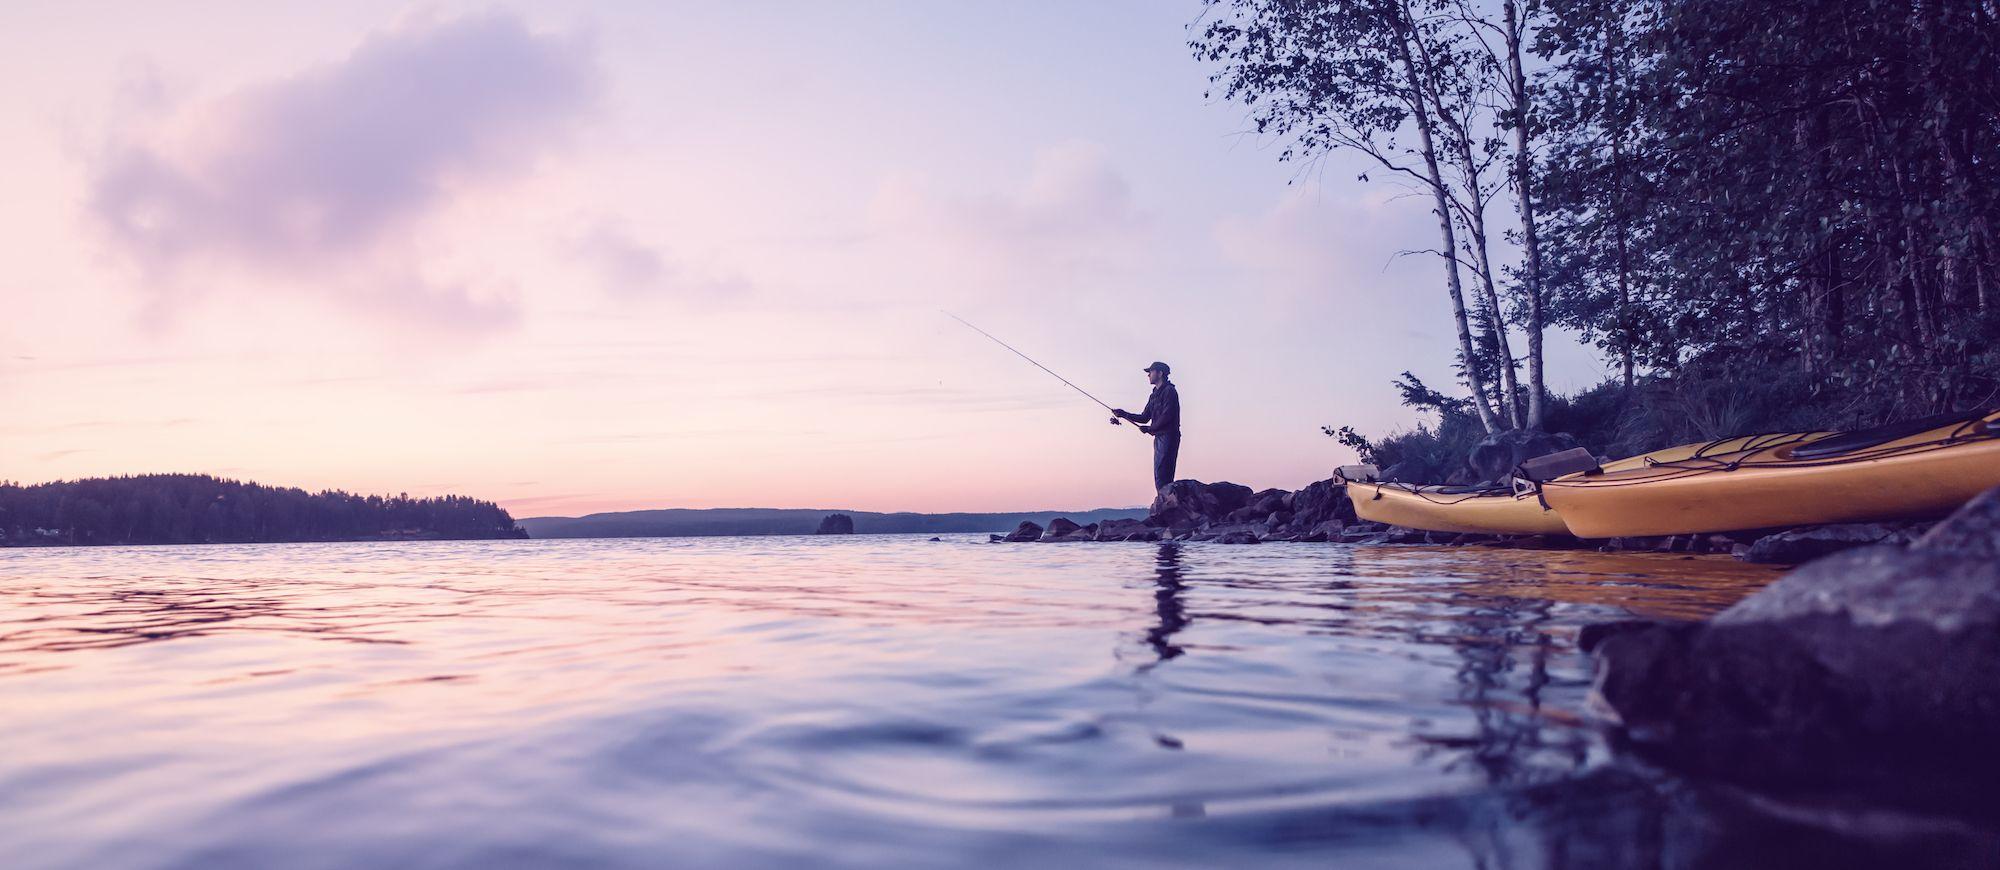 Fisherman casting his line on Fish Lake, Utah